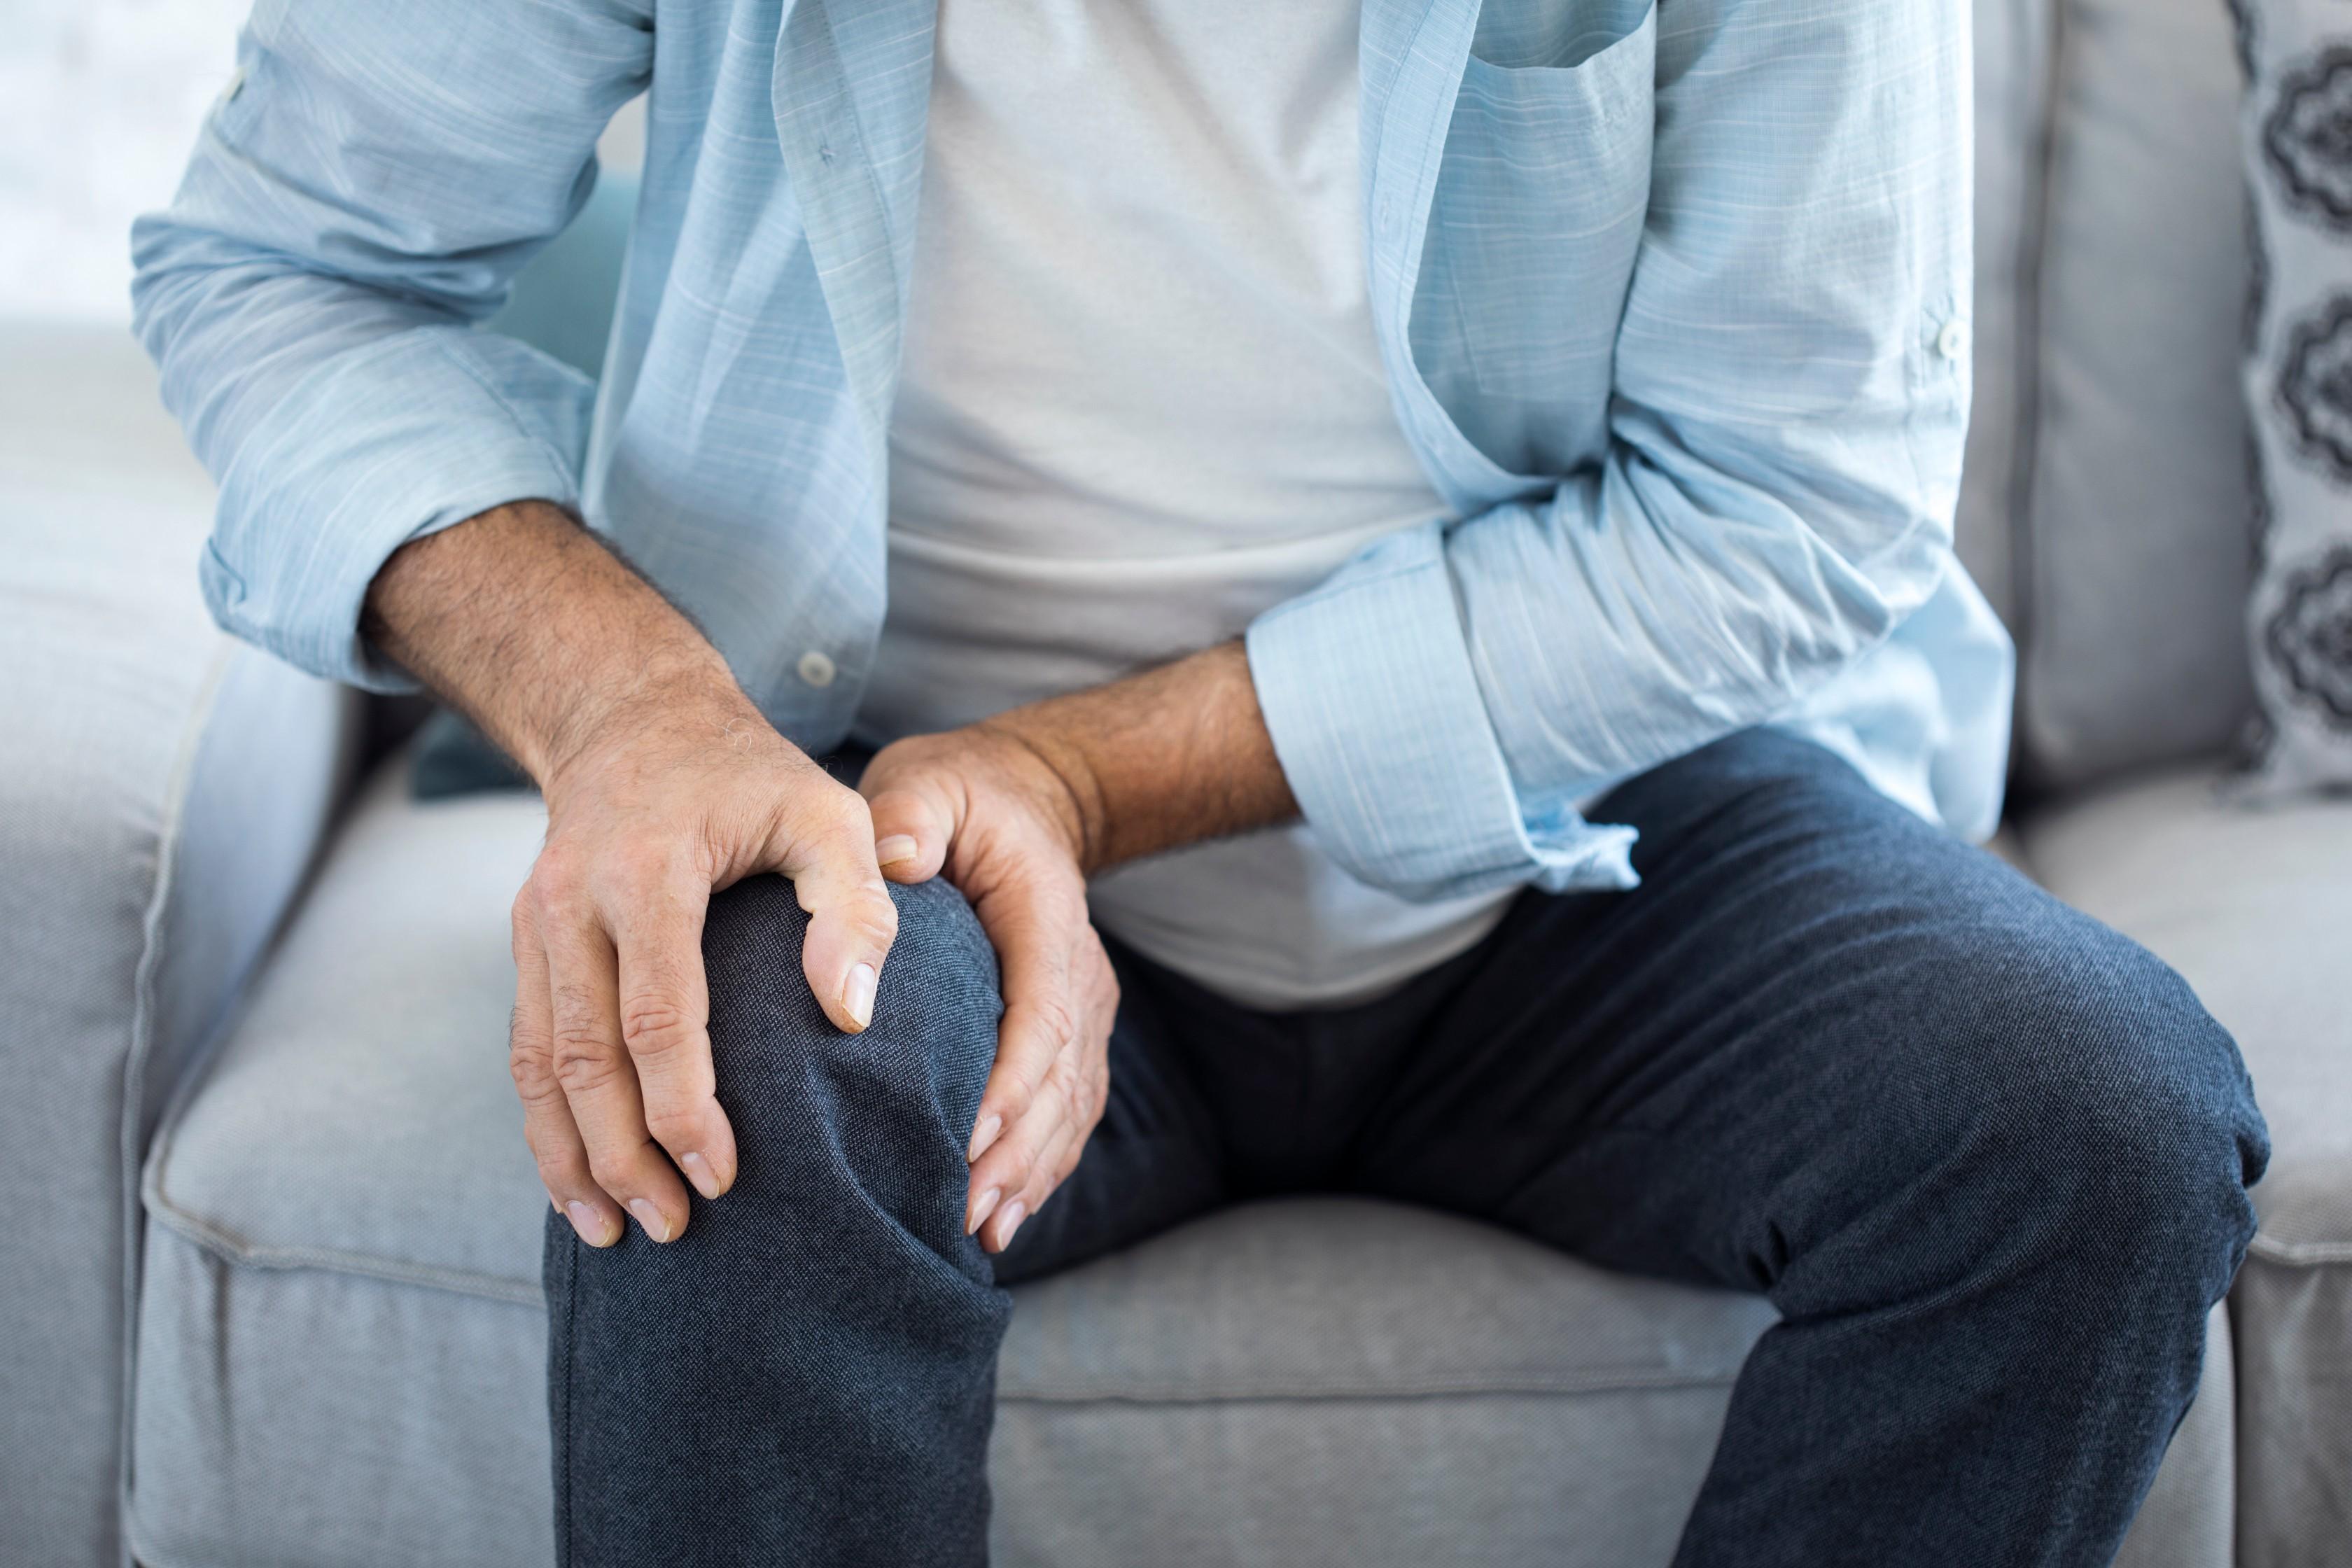 ízületi fájdalom a lábán, a boka közelében